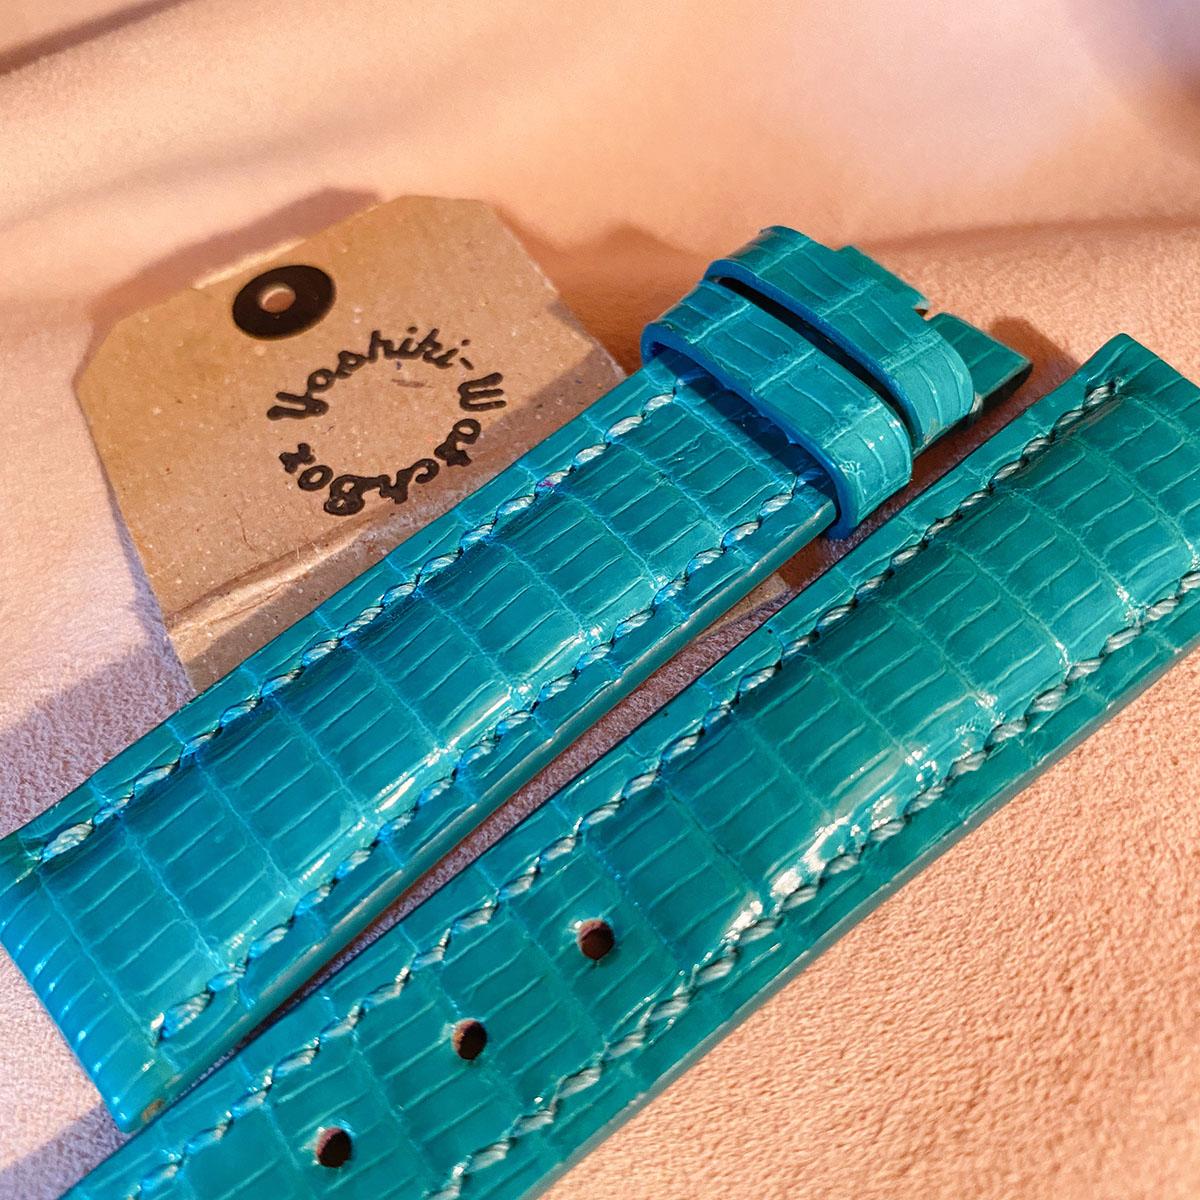 リザードでターコイズブルーの様な色page-visual リザードでターコイズブルーの様な色ビジュアル